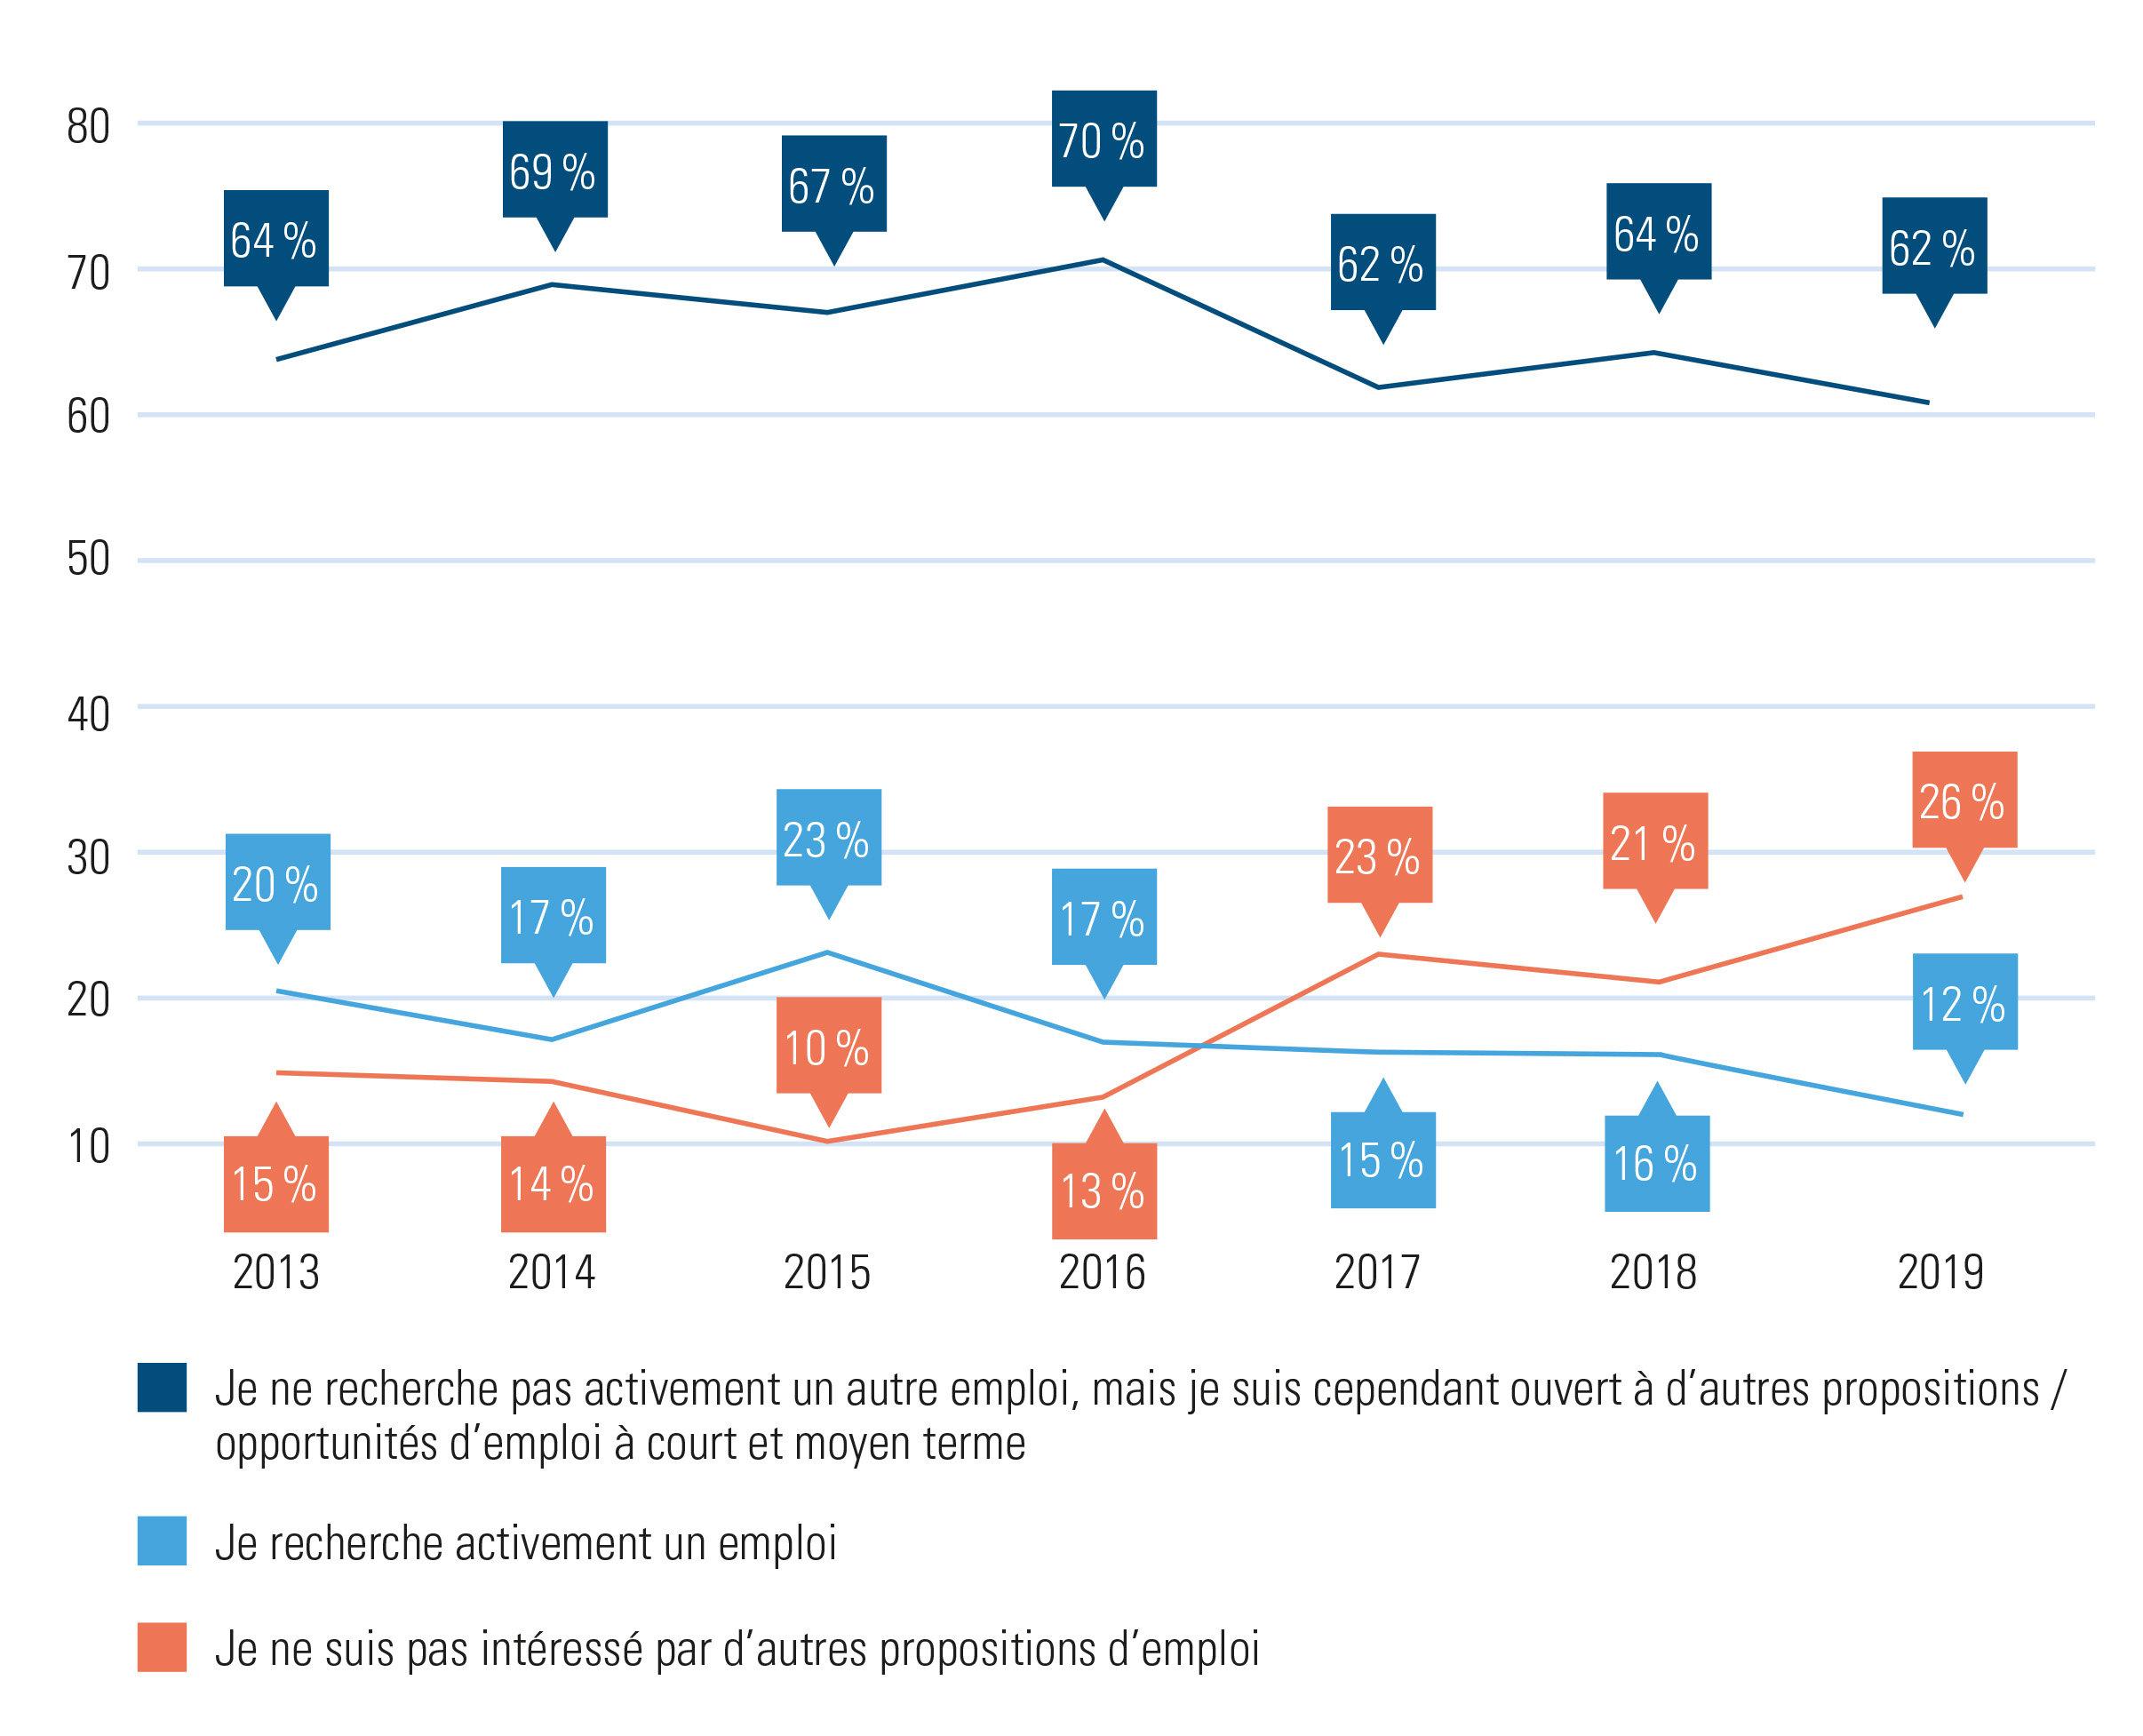 volution de la mobilité professionnelle sur le marché de l'emploi belge